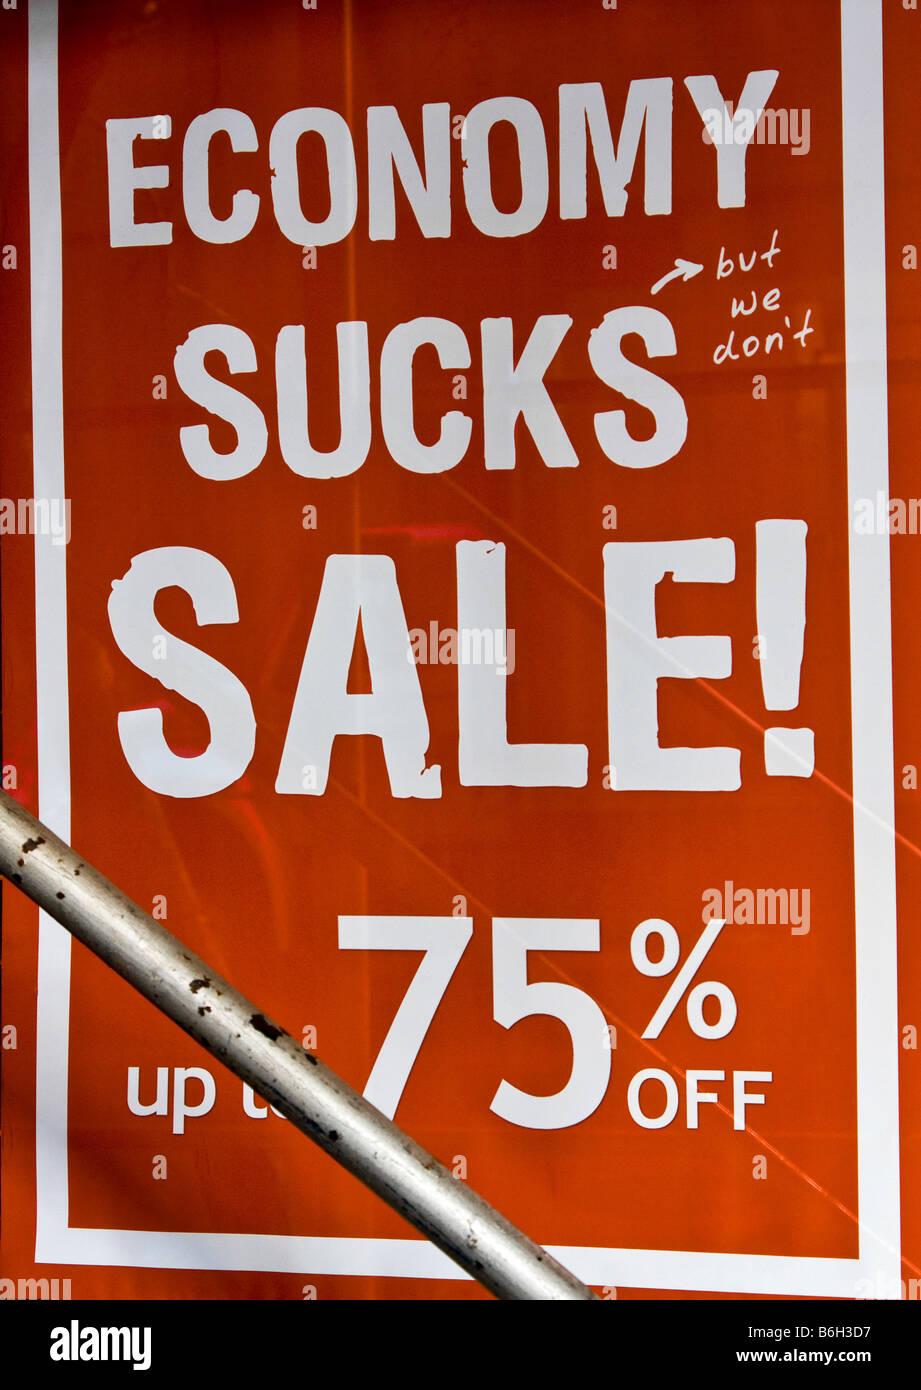 Affiche-fenêtre économie suce Photo Stock